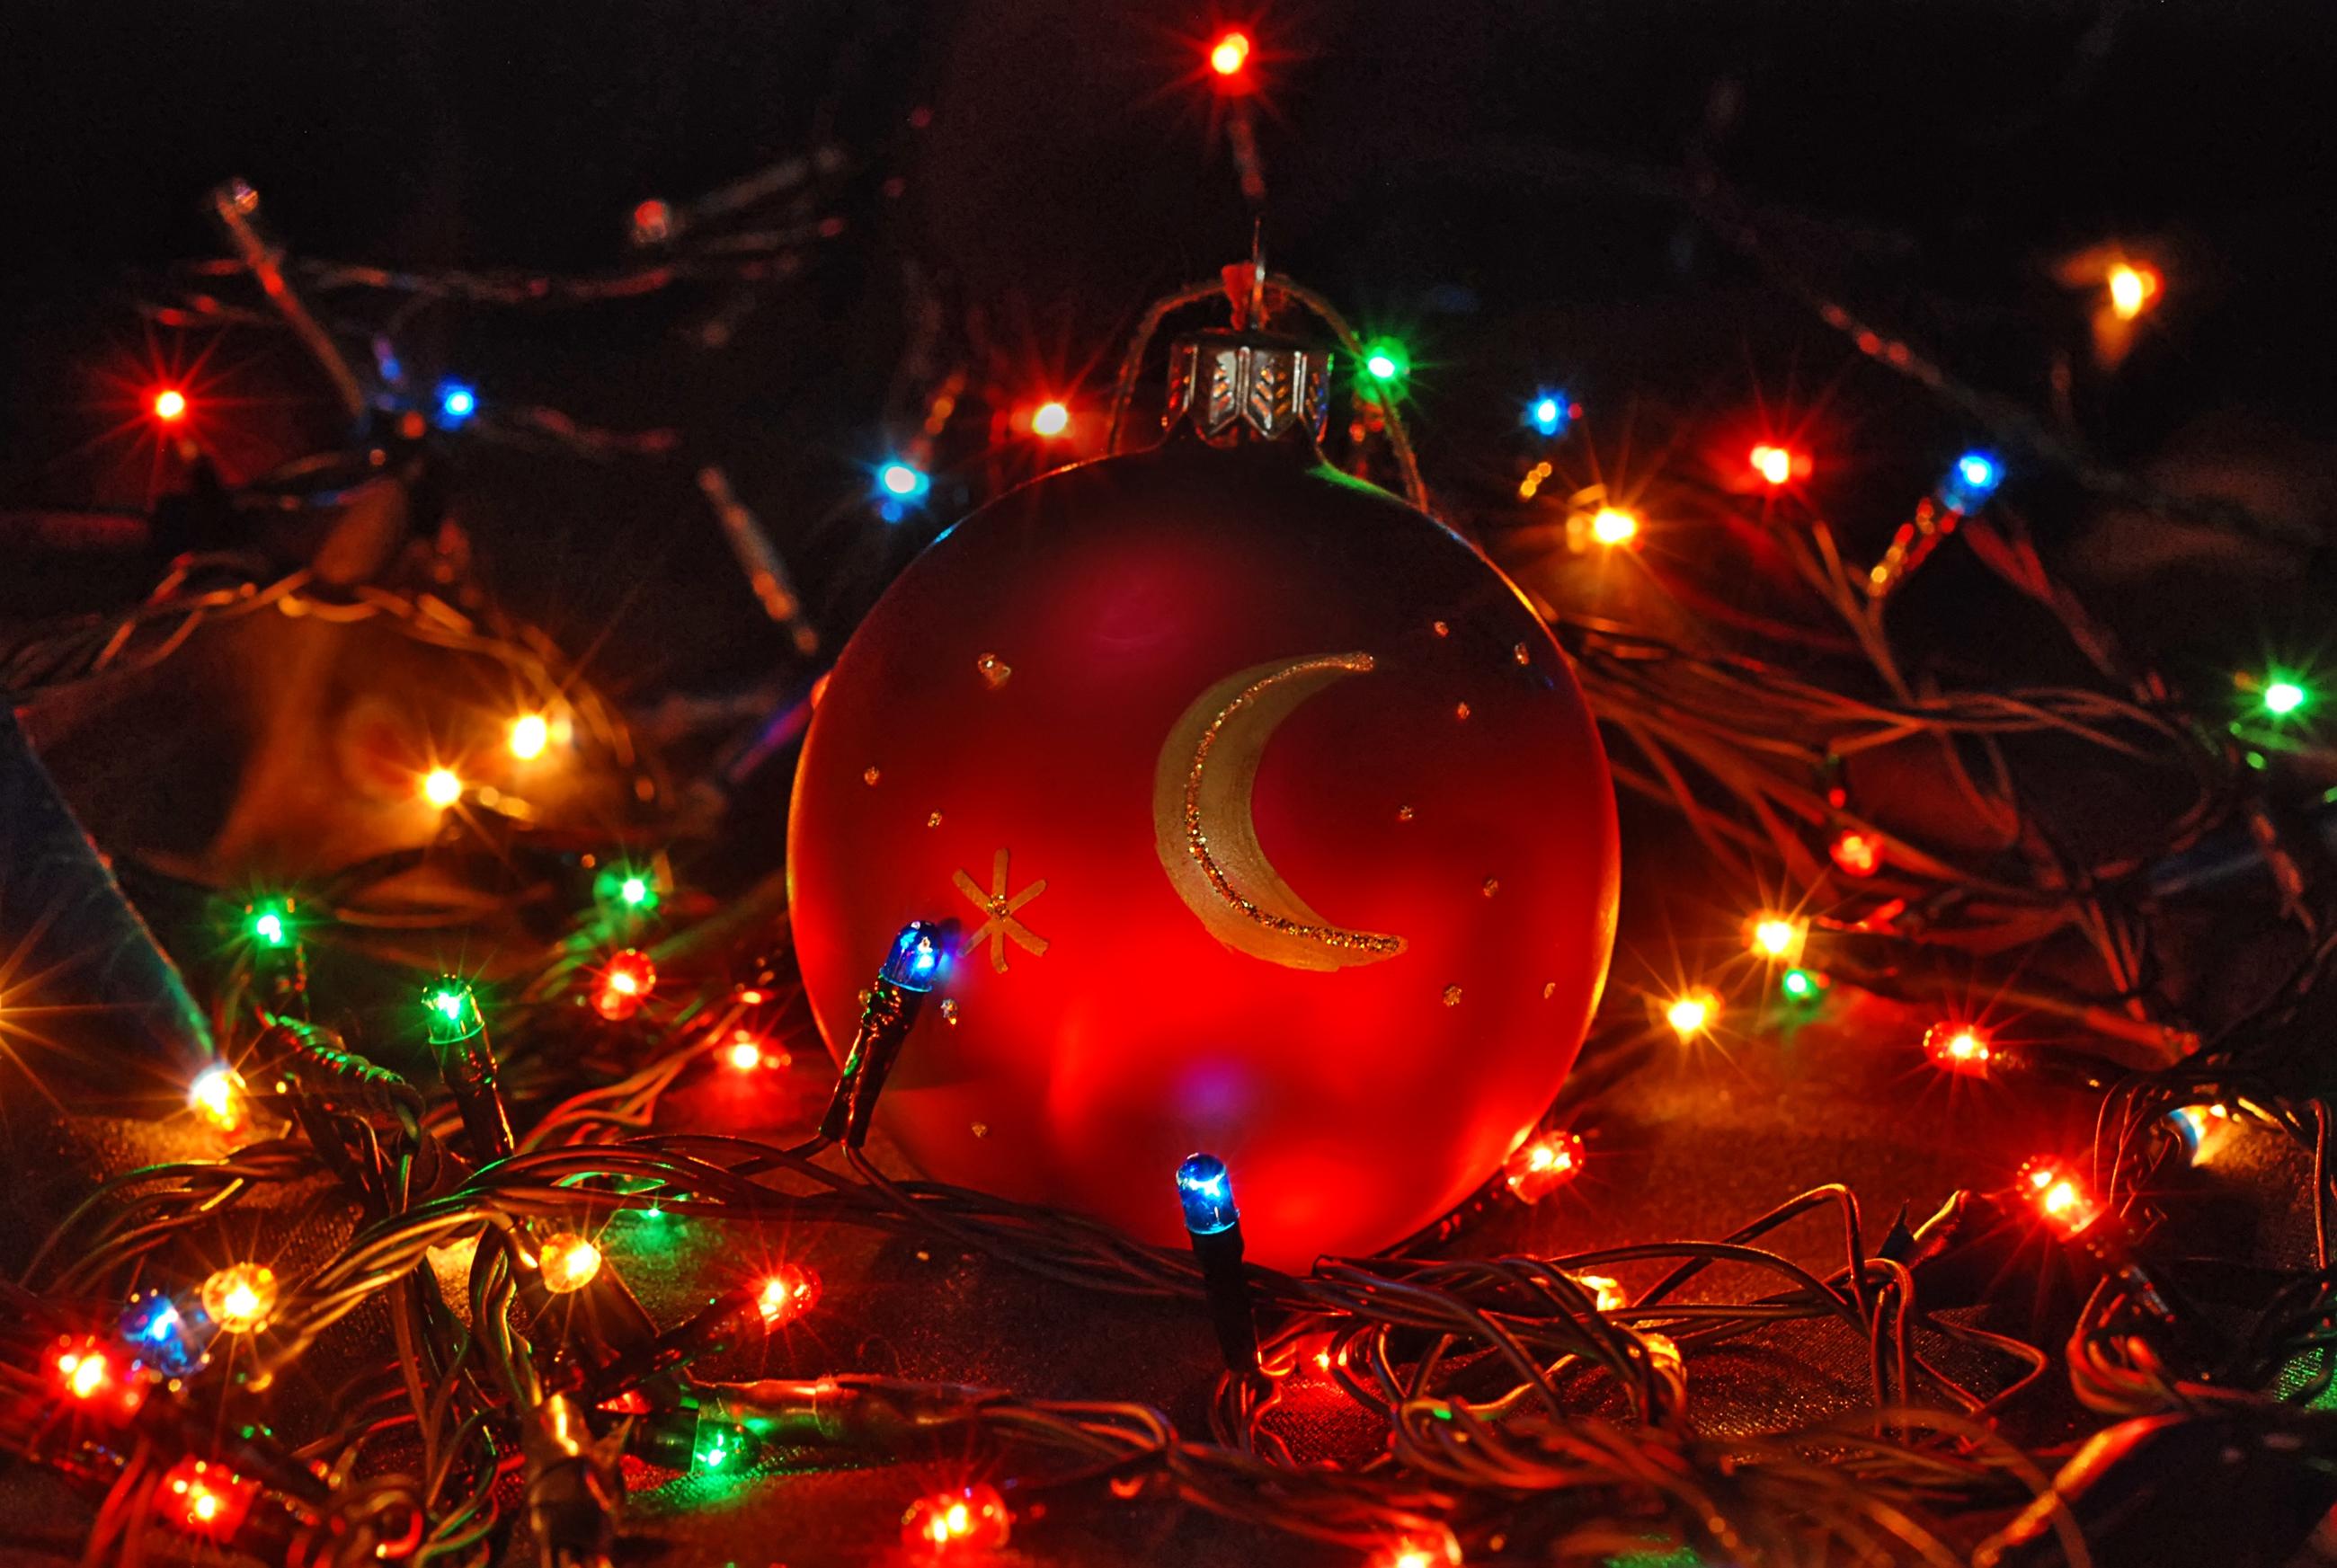 рождество, шары, огни бесплатно